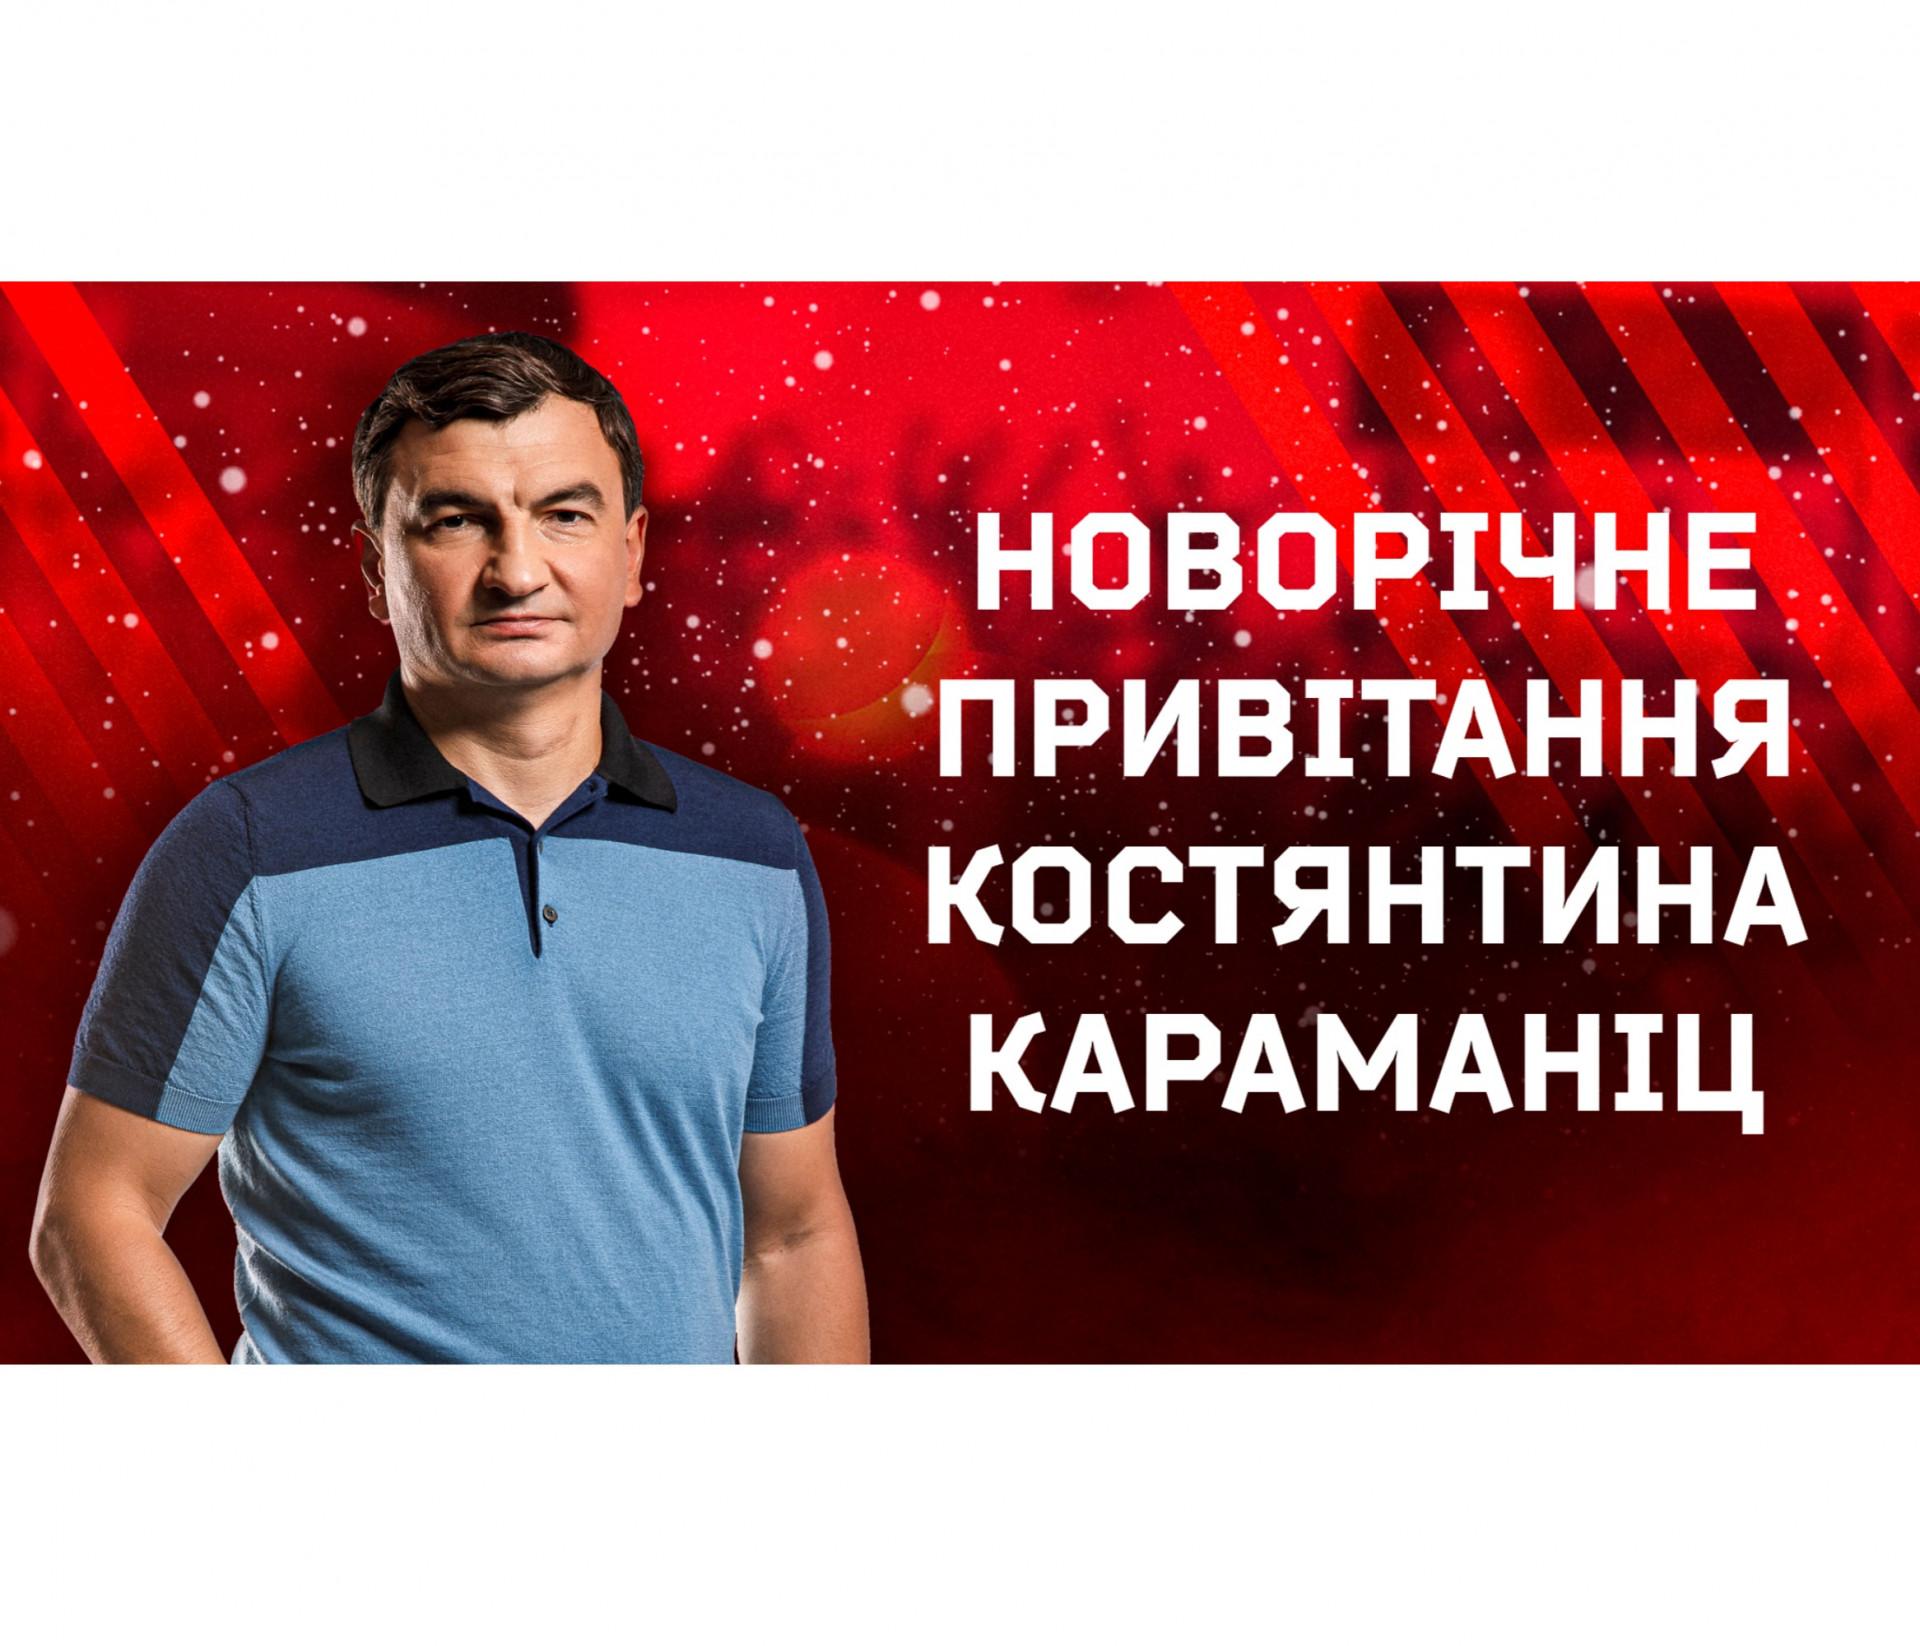 Новорічне привітання Костянтина Караманіц}